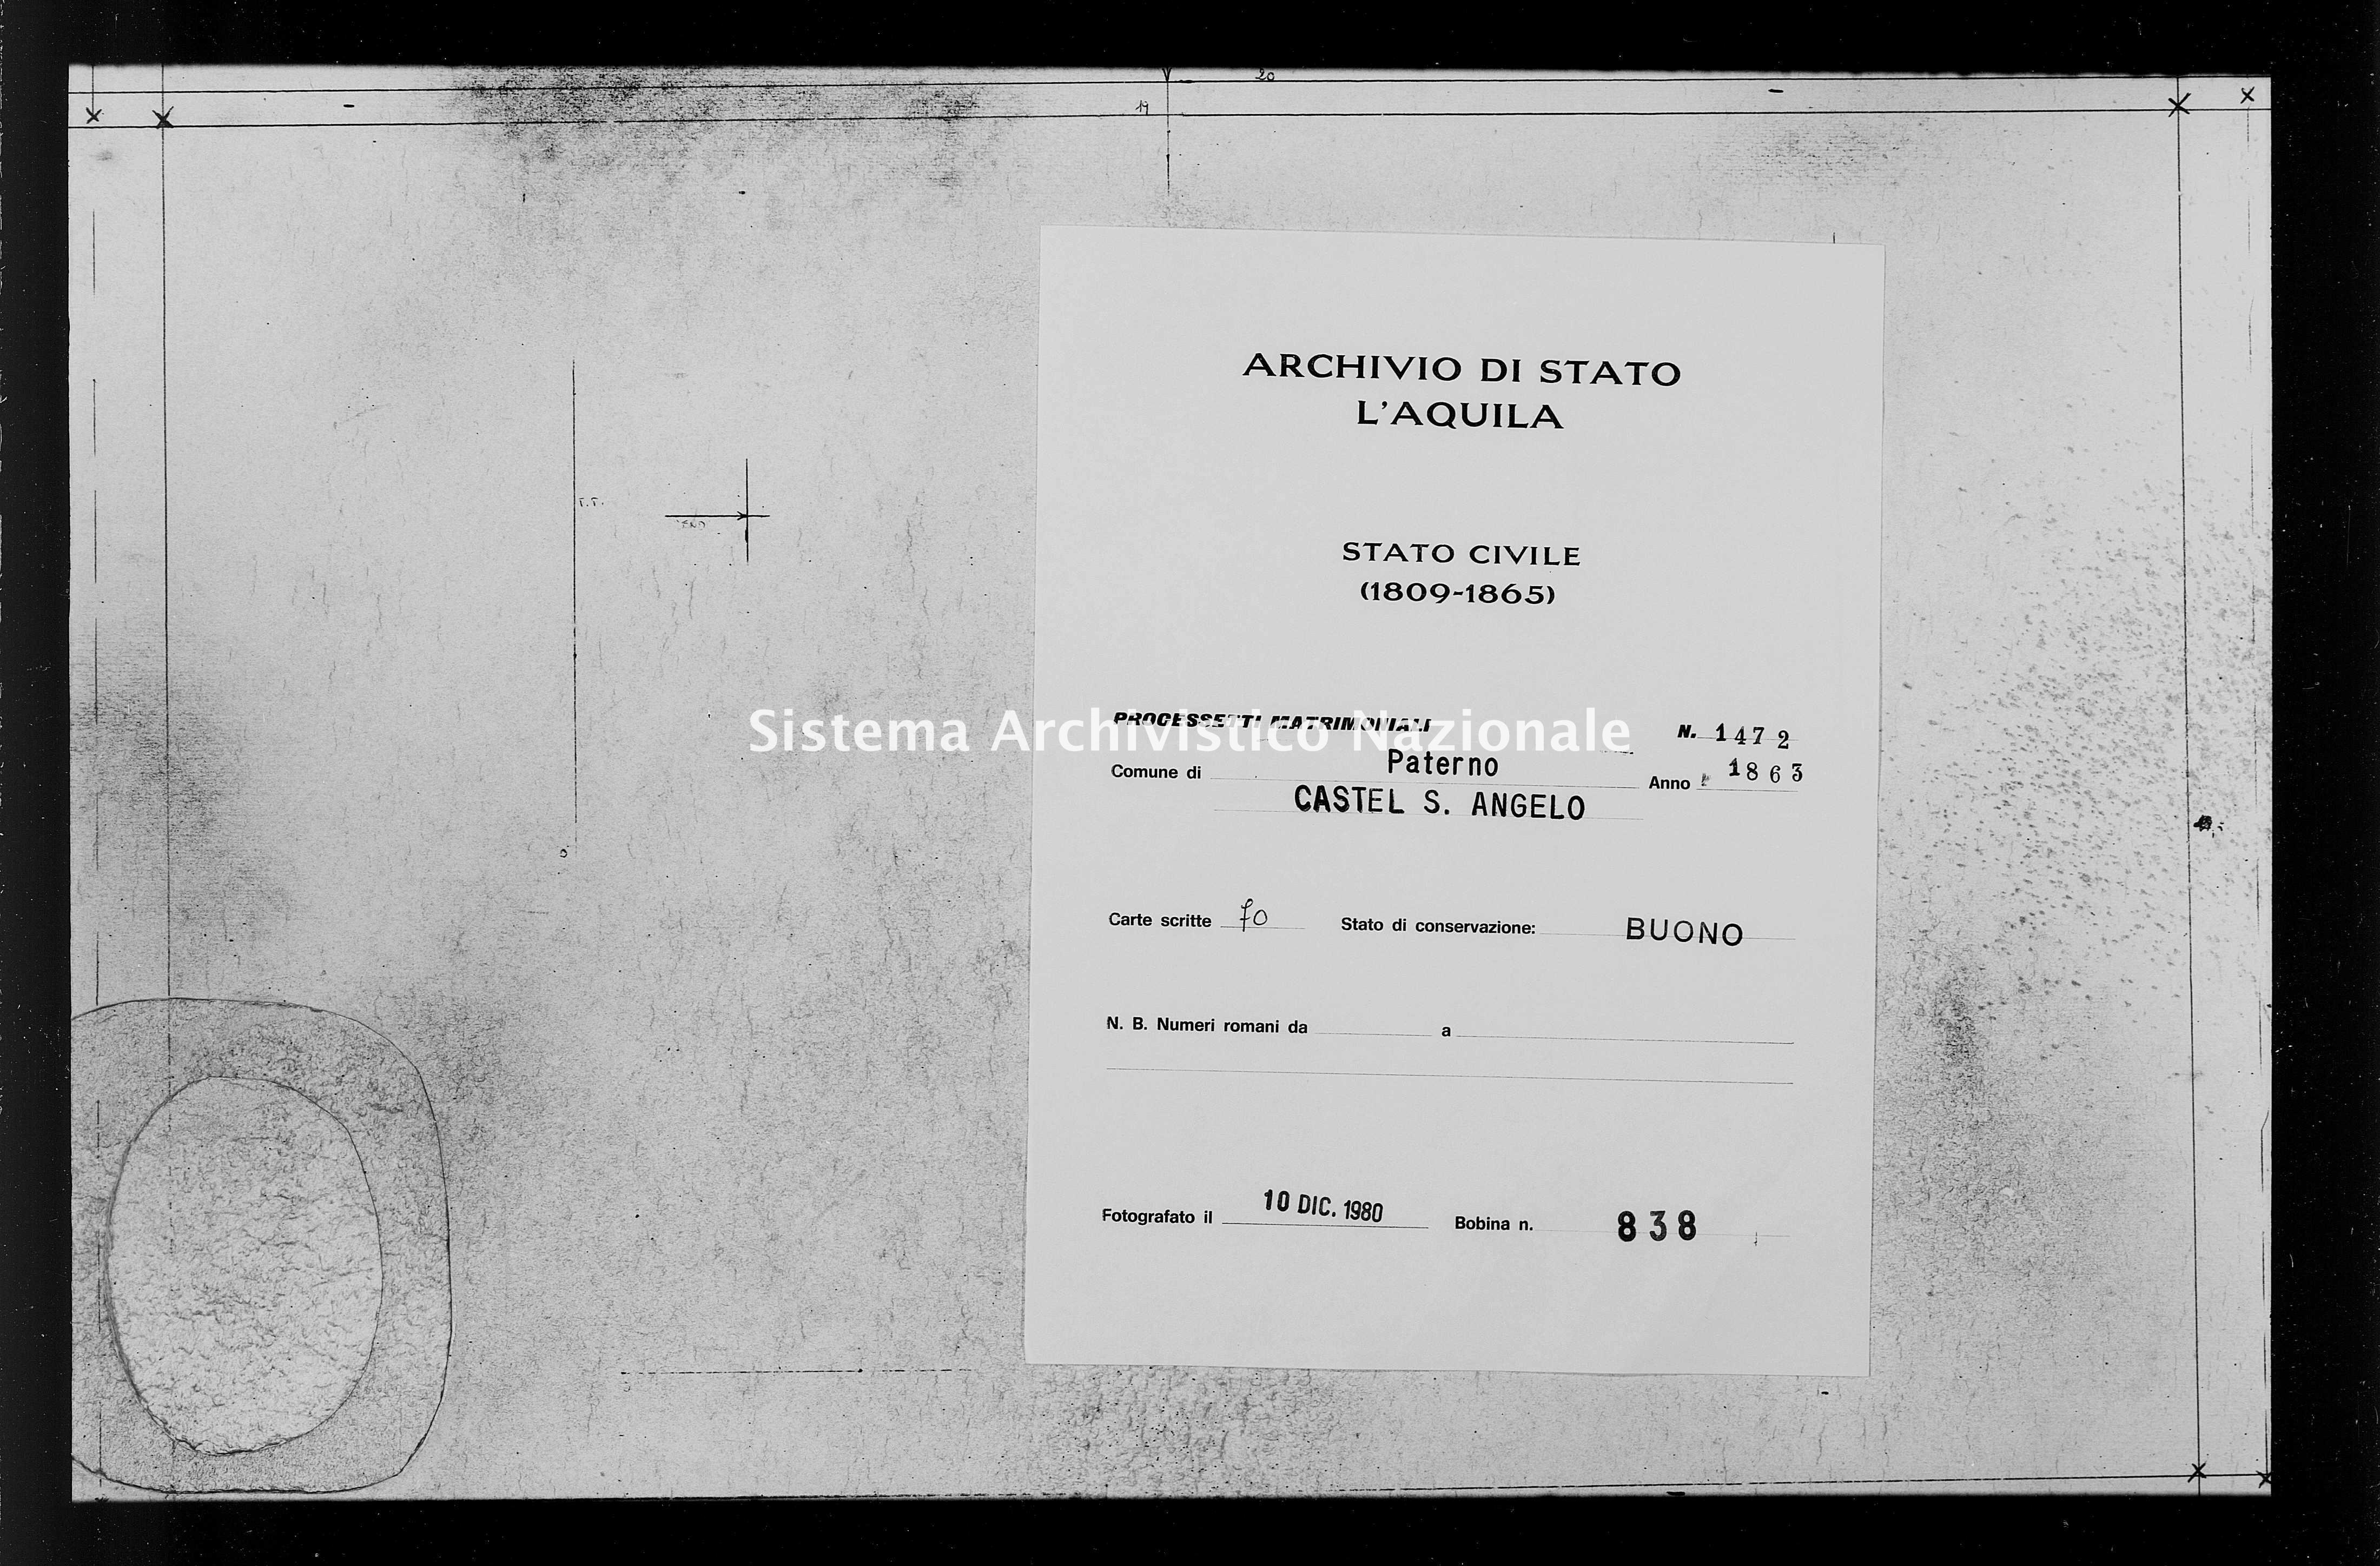 Archivio di stato di L'aquila - Stato civile italiano - Paterno - Matrimoni, processetti - 1863 - 1472 -